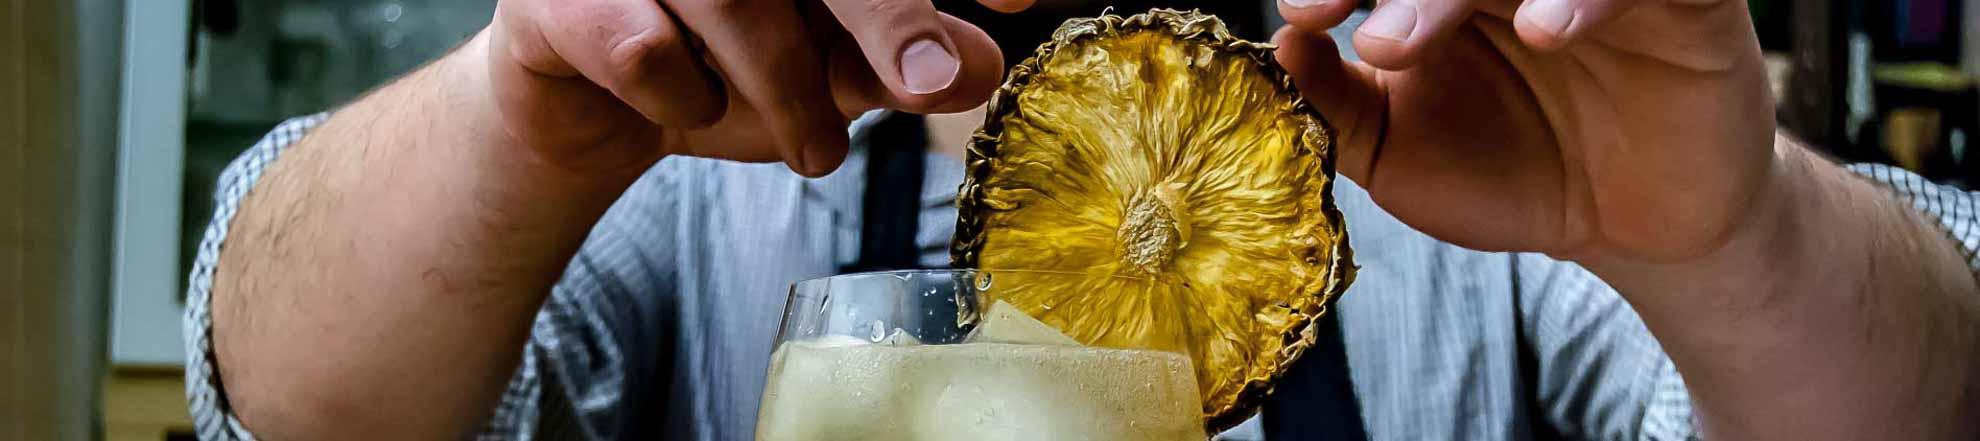 Lecker Ananas on top of einem Gin Tonic. Weil wir's können.